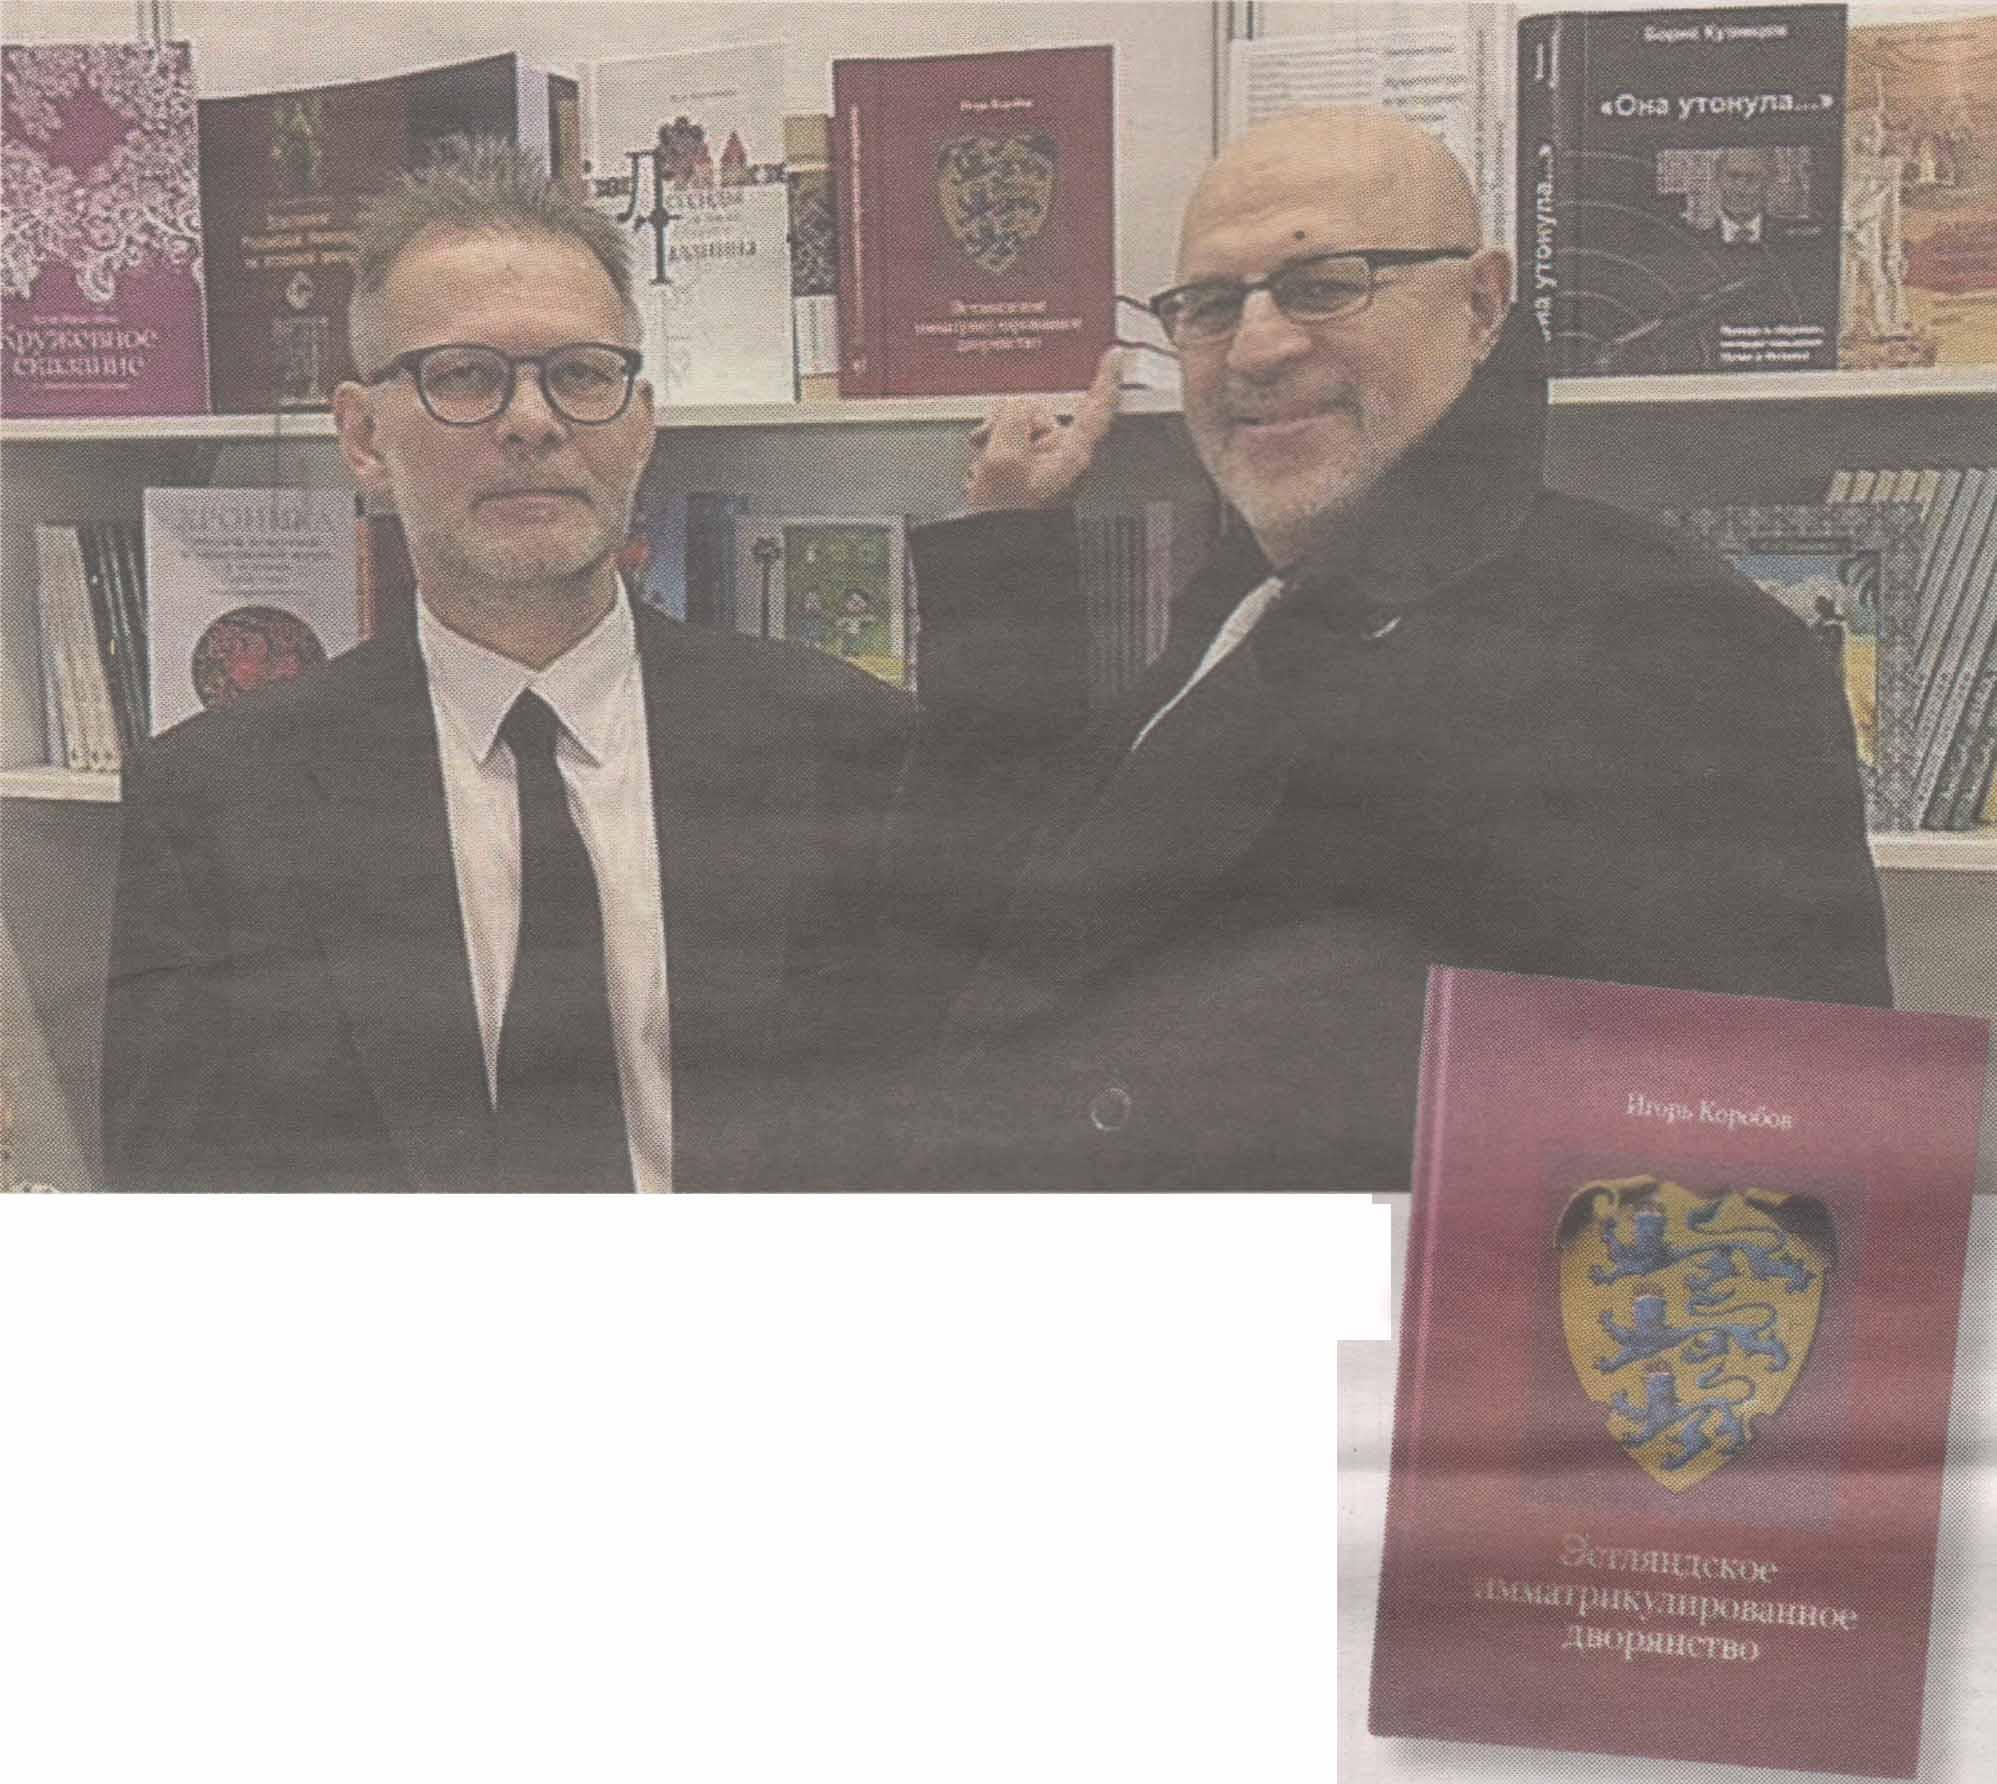 Автор Игорь Коробов и редактор Артур Модебадзе во время презентации книги ««Эстляндское имматрикулированное рыцарство» на ярмарке интеллектуальной литературы non/fiction в Москве в декабре минувшего года.